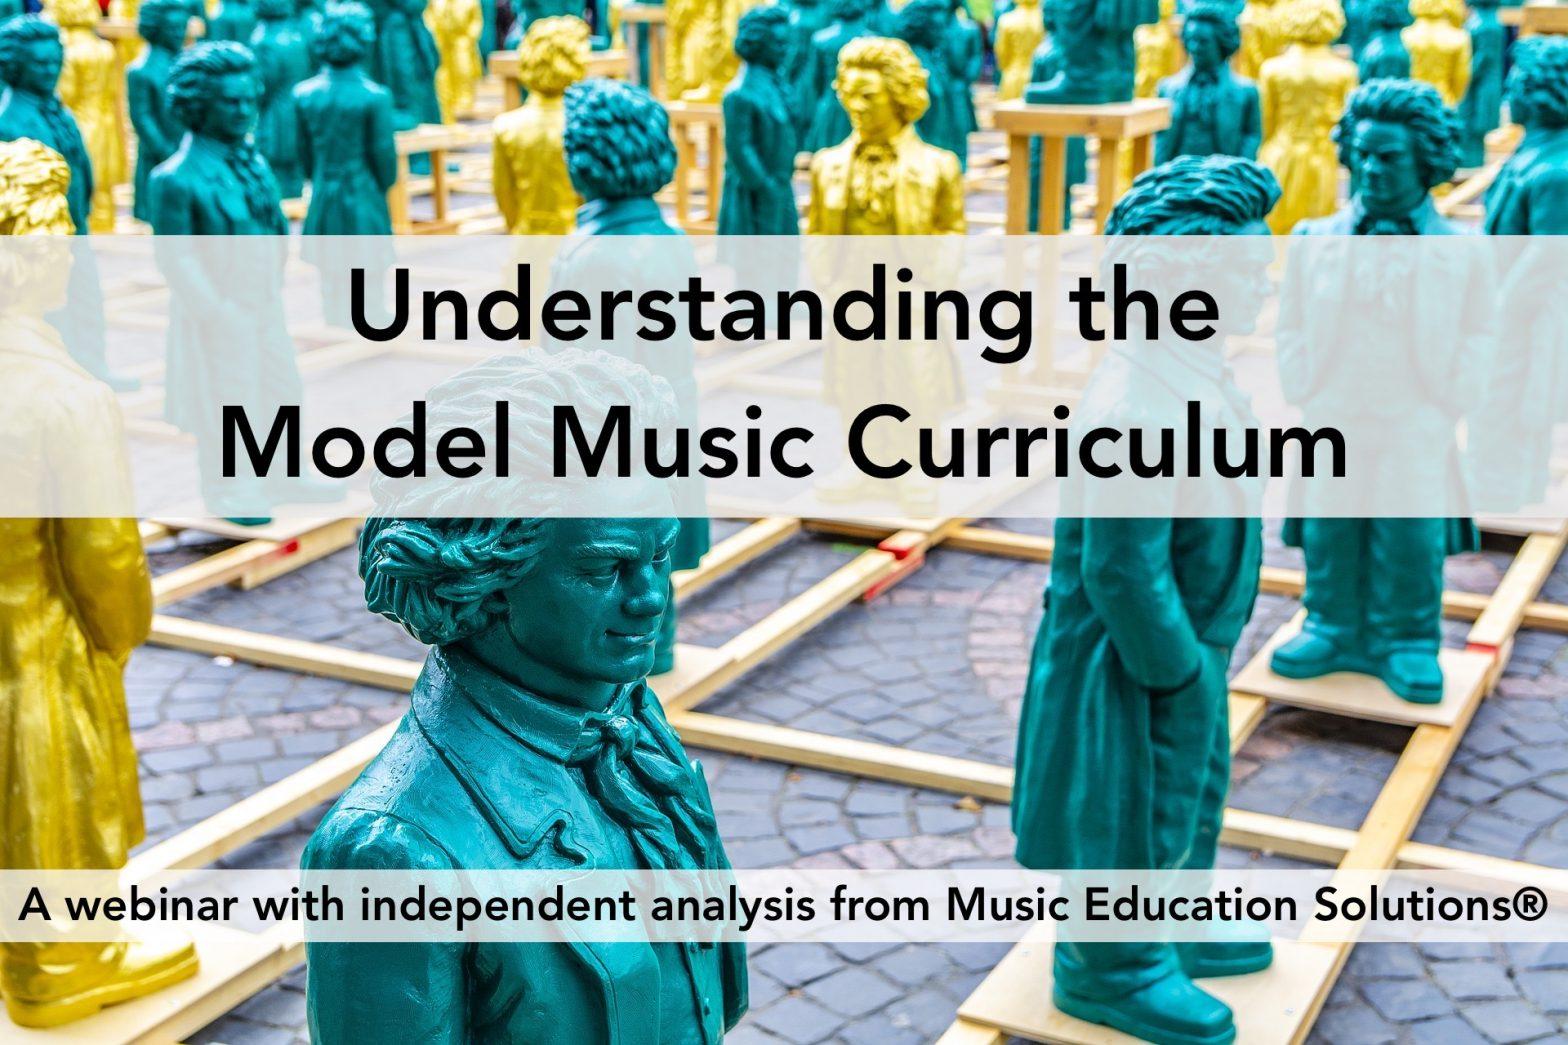 Model Music Curriculum